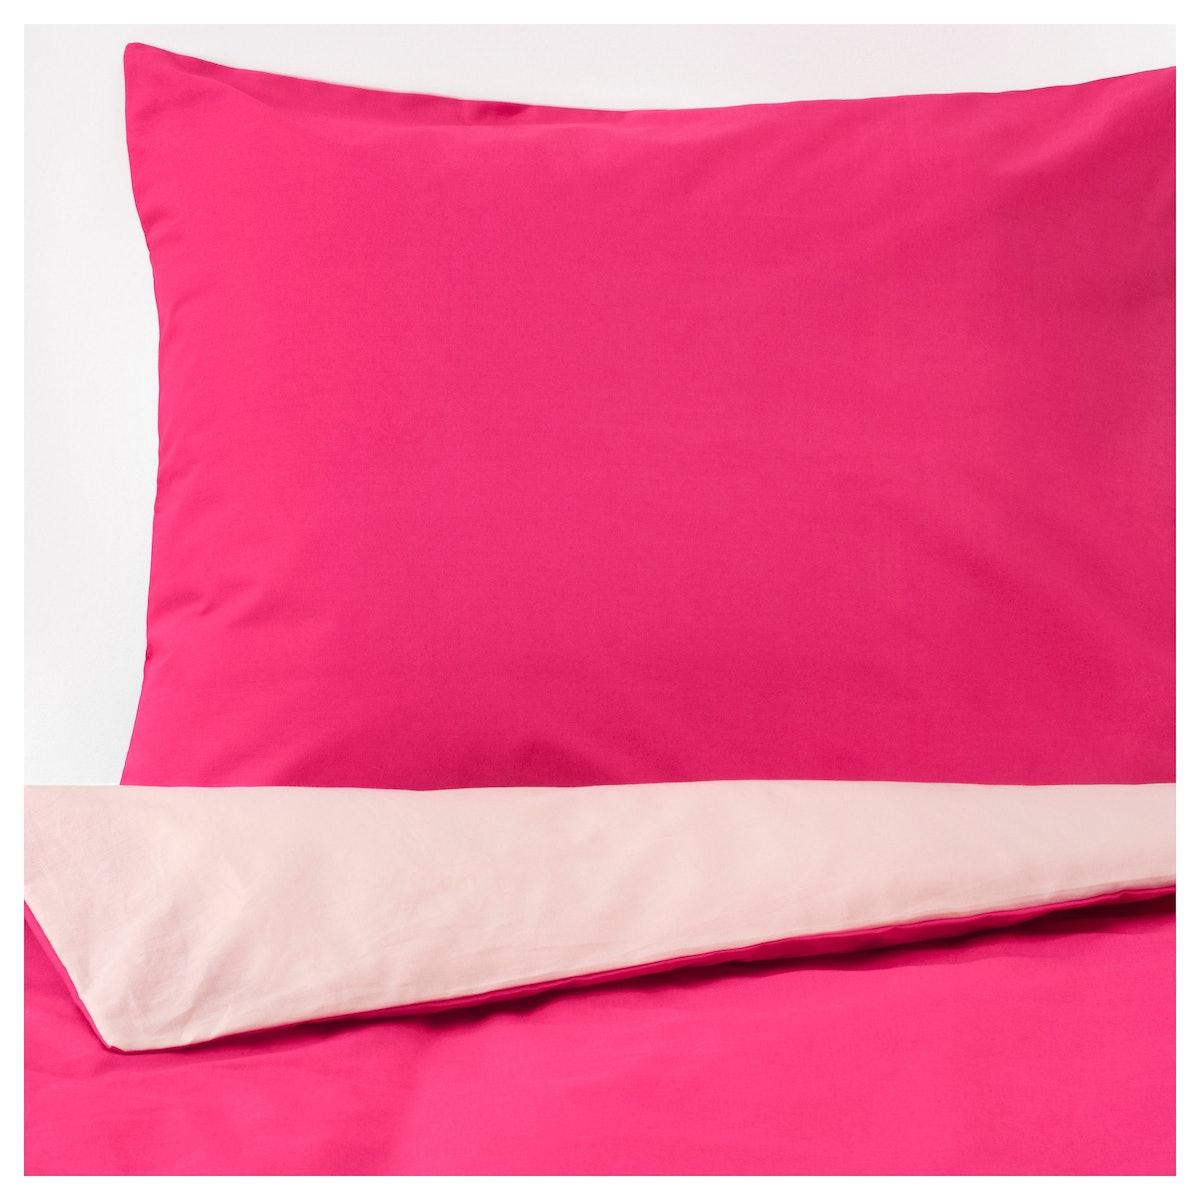 DVALA Duvet Cover and Pillowcases